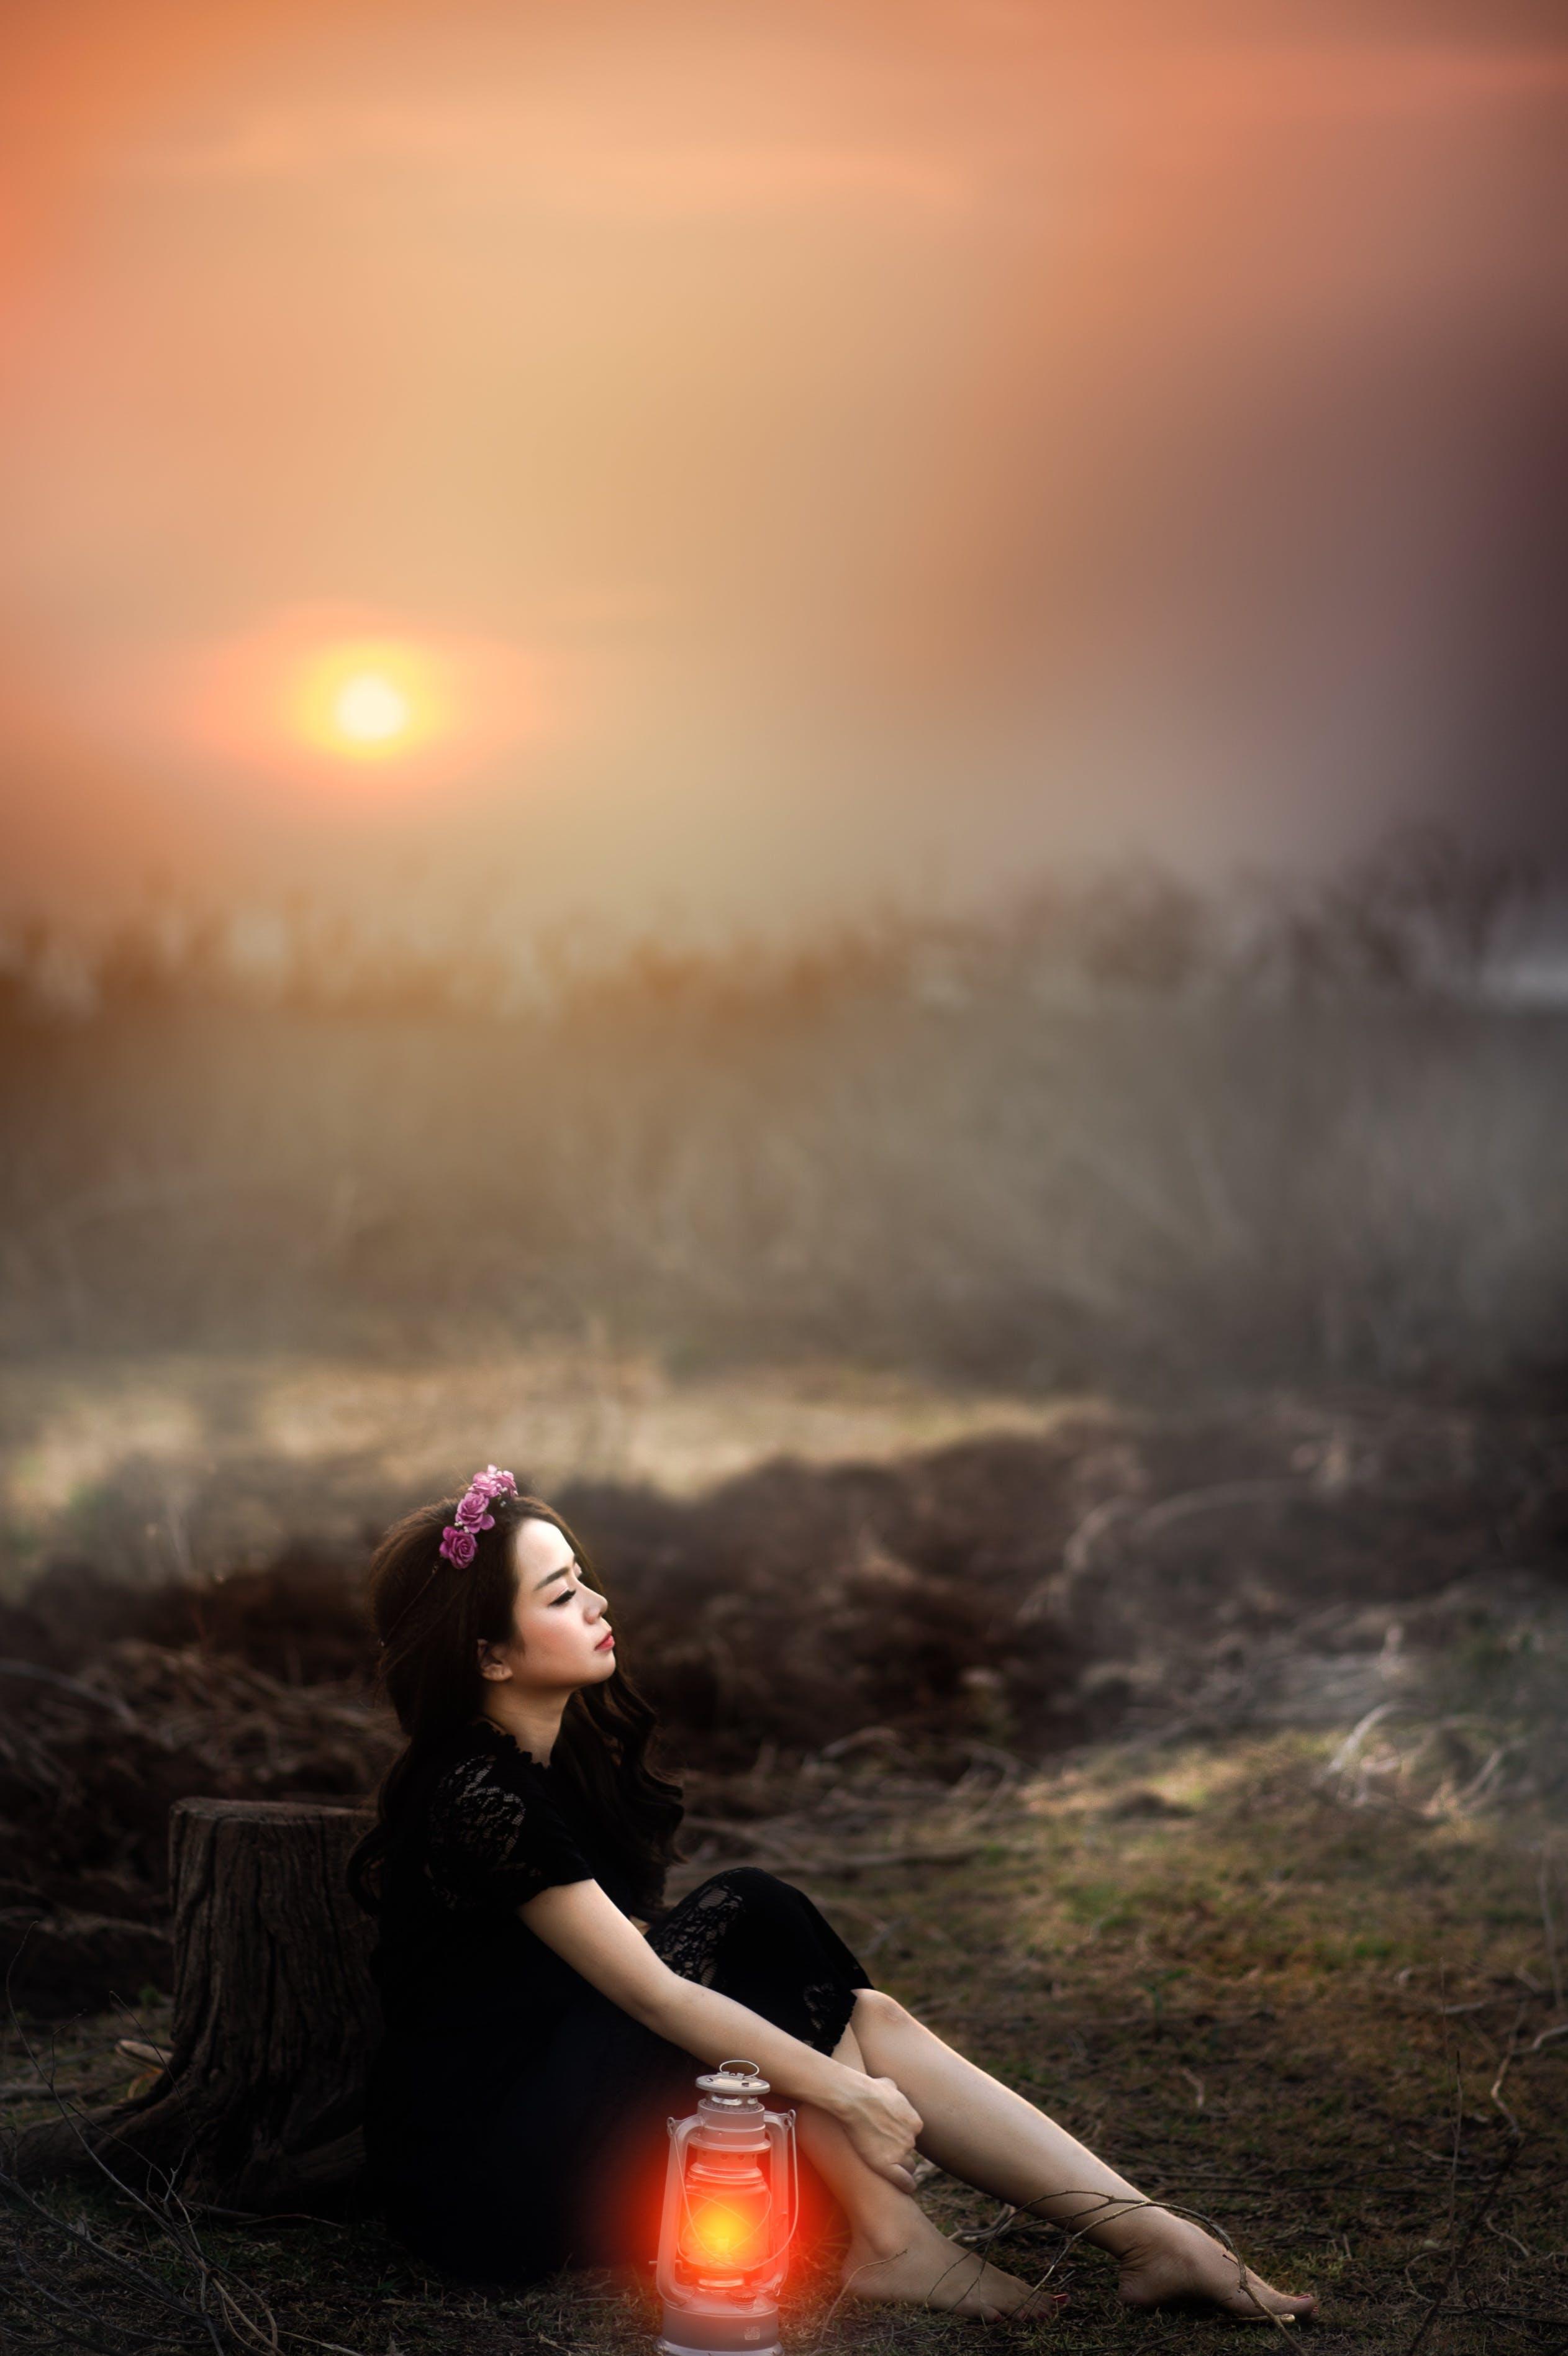 dawn, dusk, female